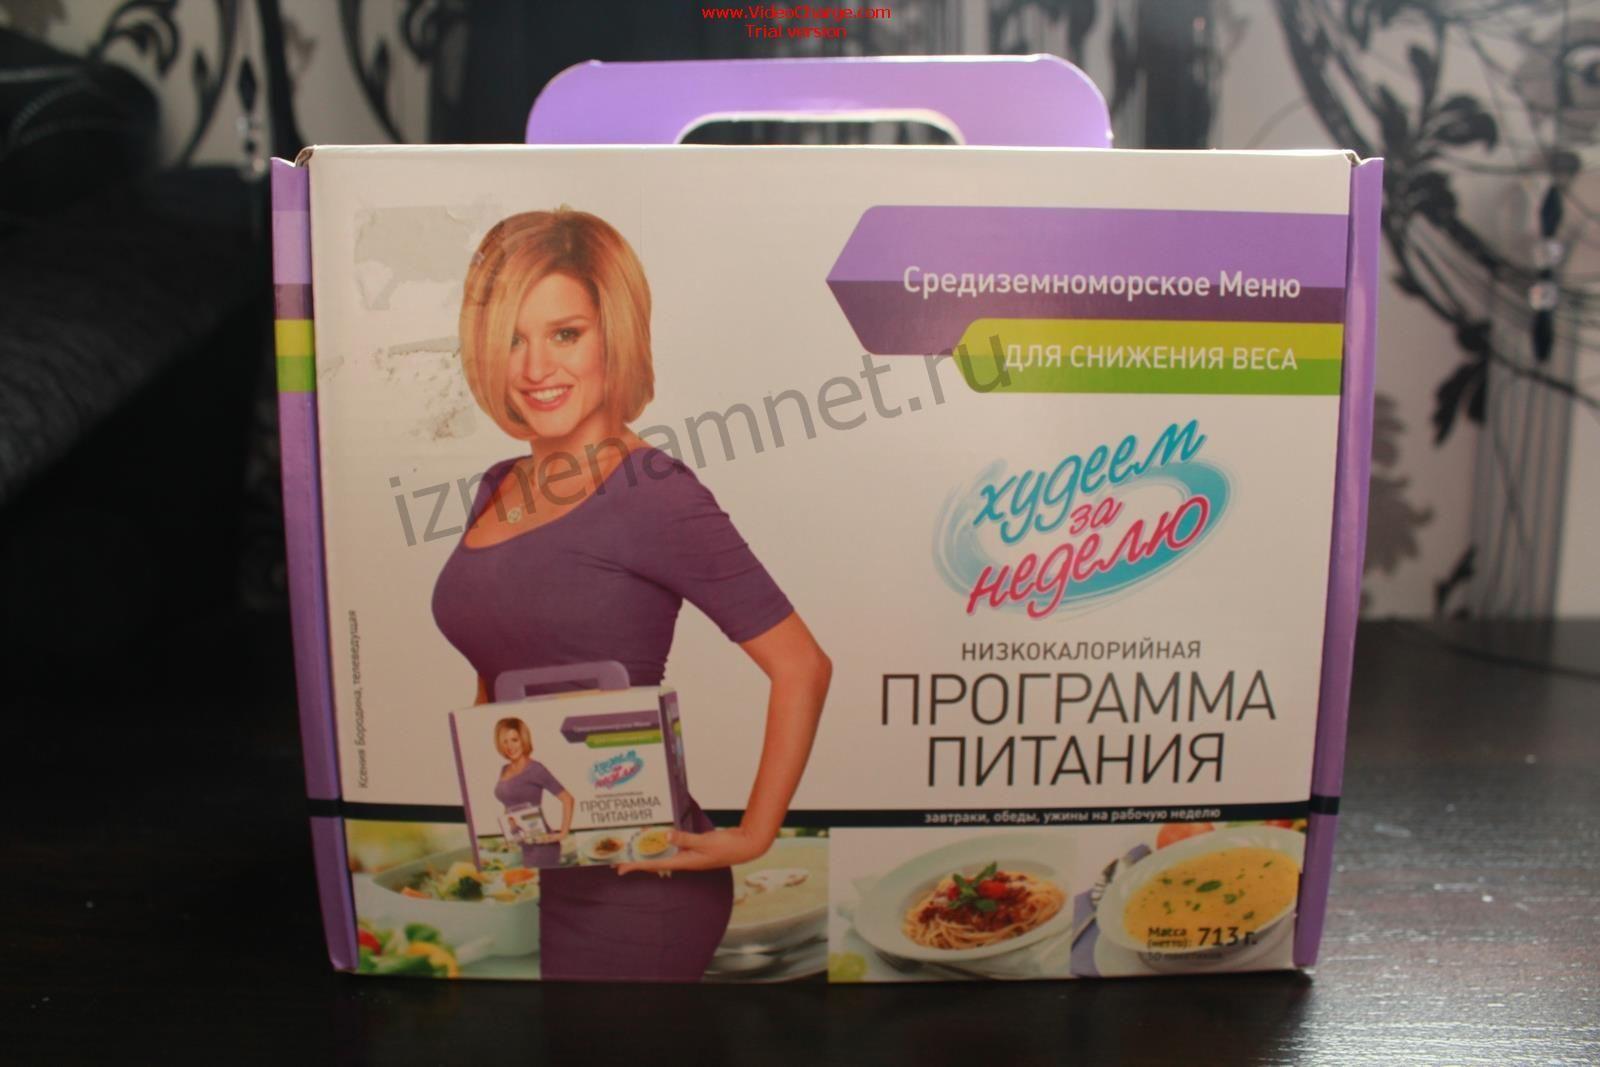 Похудеть Рецепт От Бородиной. Огуречная диета Ксении Бородиной: особенности, преимущества и недостатки